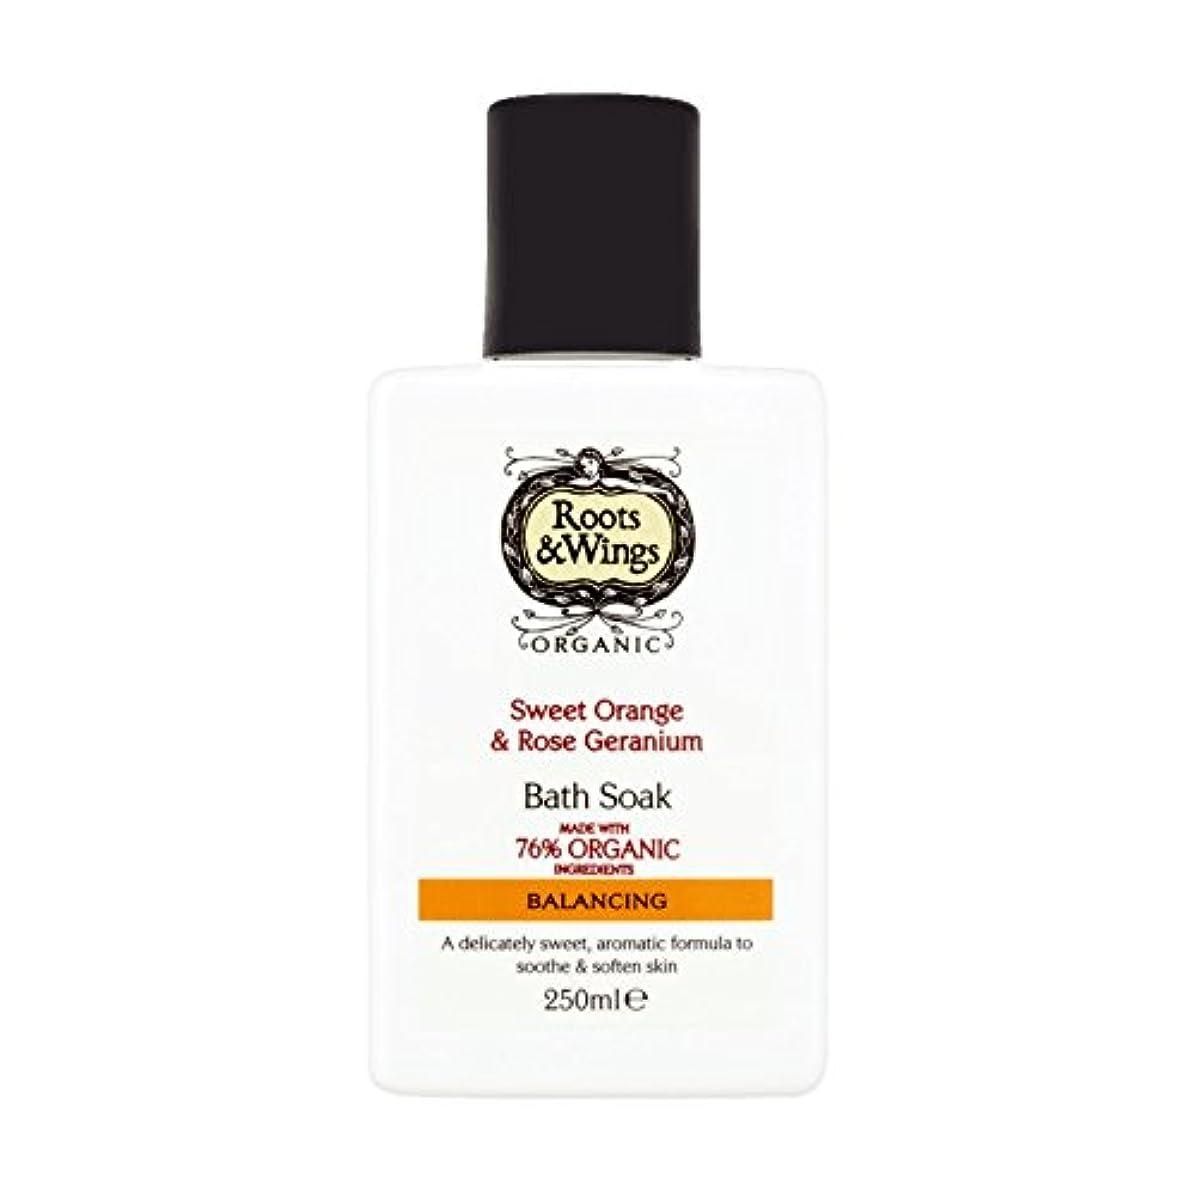 同僚のヒープサンドイッチRoots & Wings Bath Soak Sweet Orange & Rose Geranium 250ml (Pack of 6) - ルーツ&翼バス甘いオレンジを浸し&ゼラニウム250ミリリットルをバラ (x6...